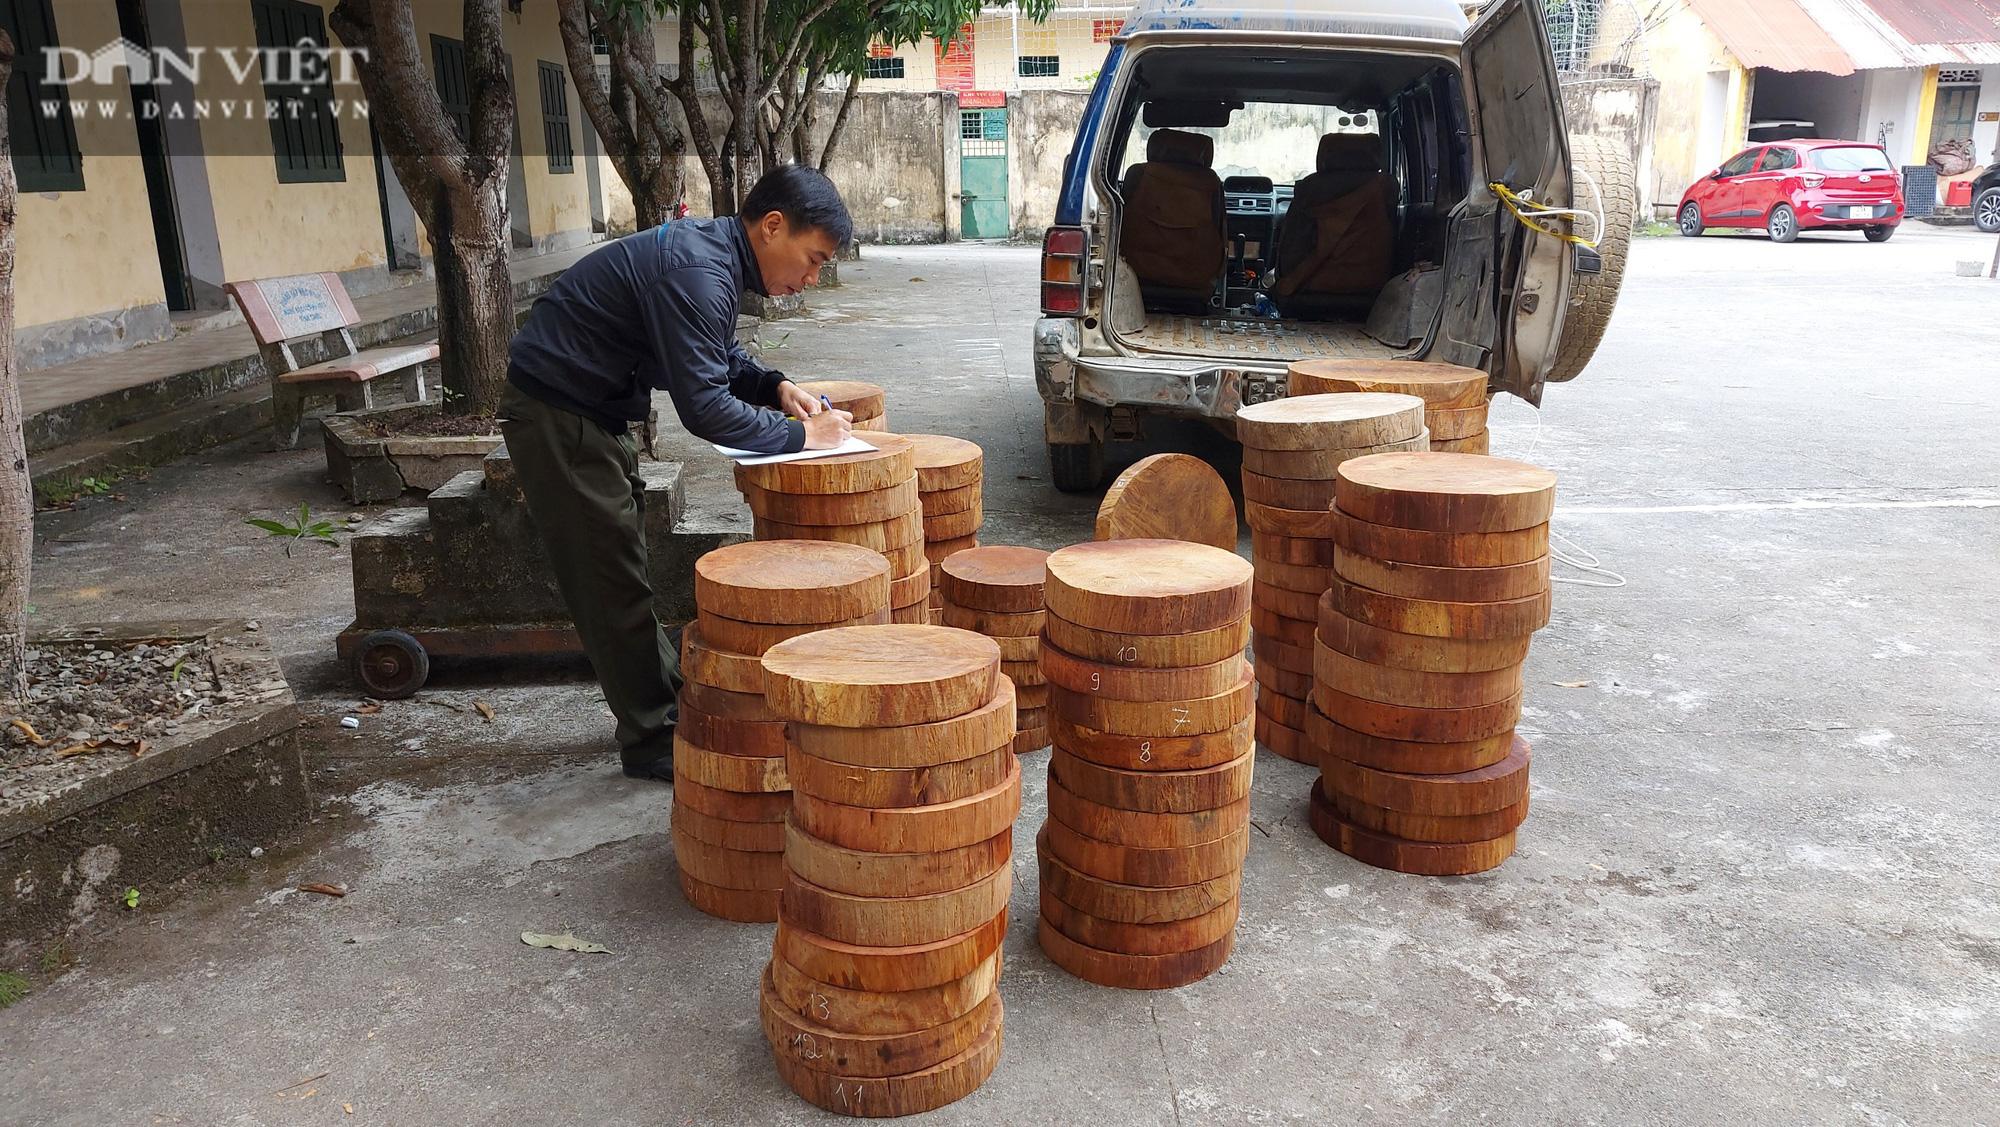 Hà Giang: Kiểm lâm vào cuộc, đối tượng khai thác buôn bán thớt nghiến không có mặt ở địa phương - Ảnh 3.